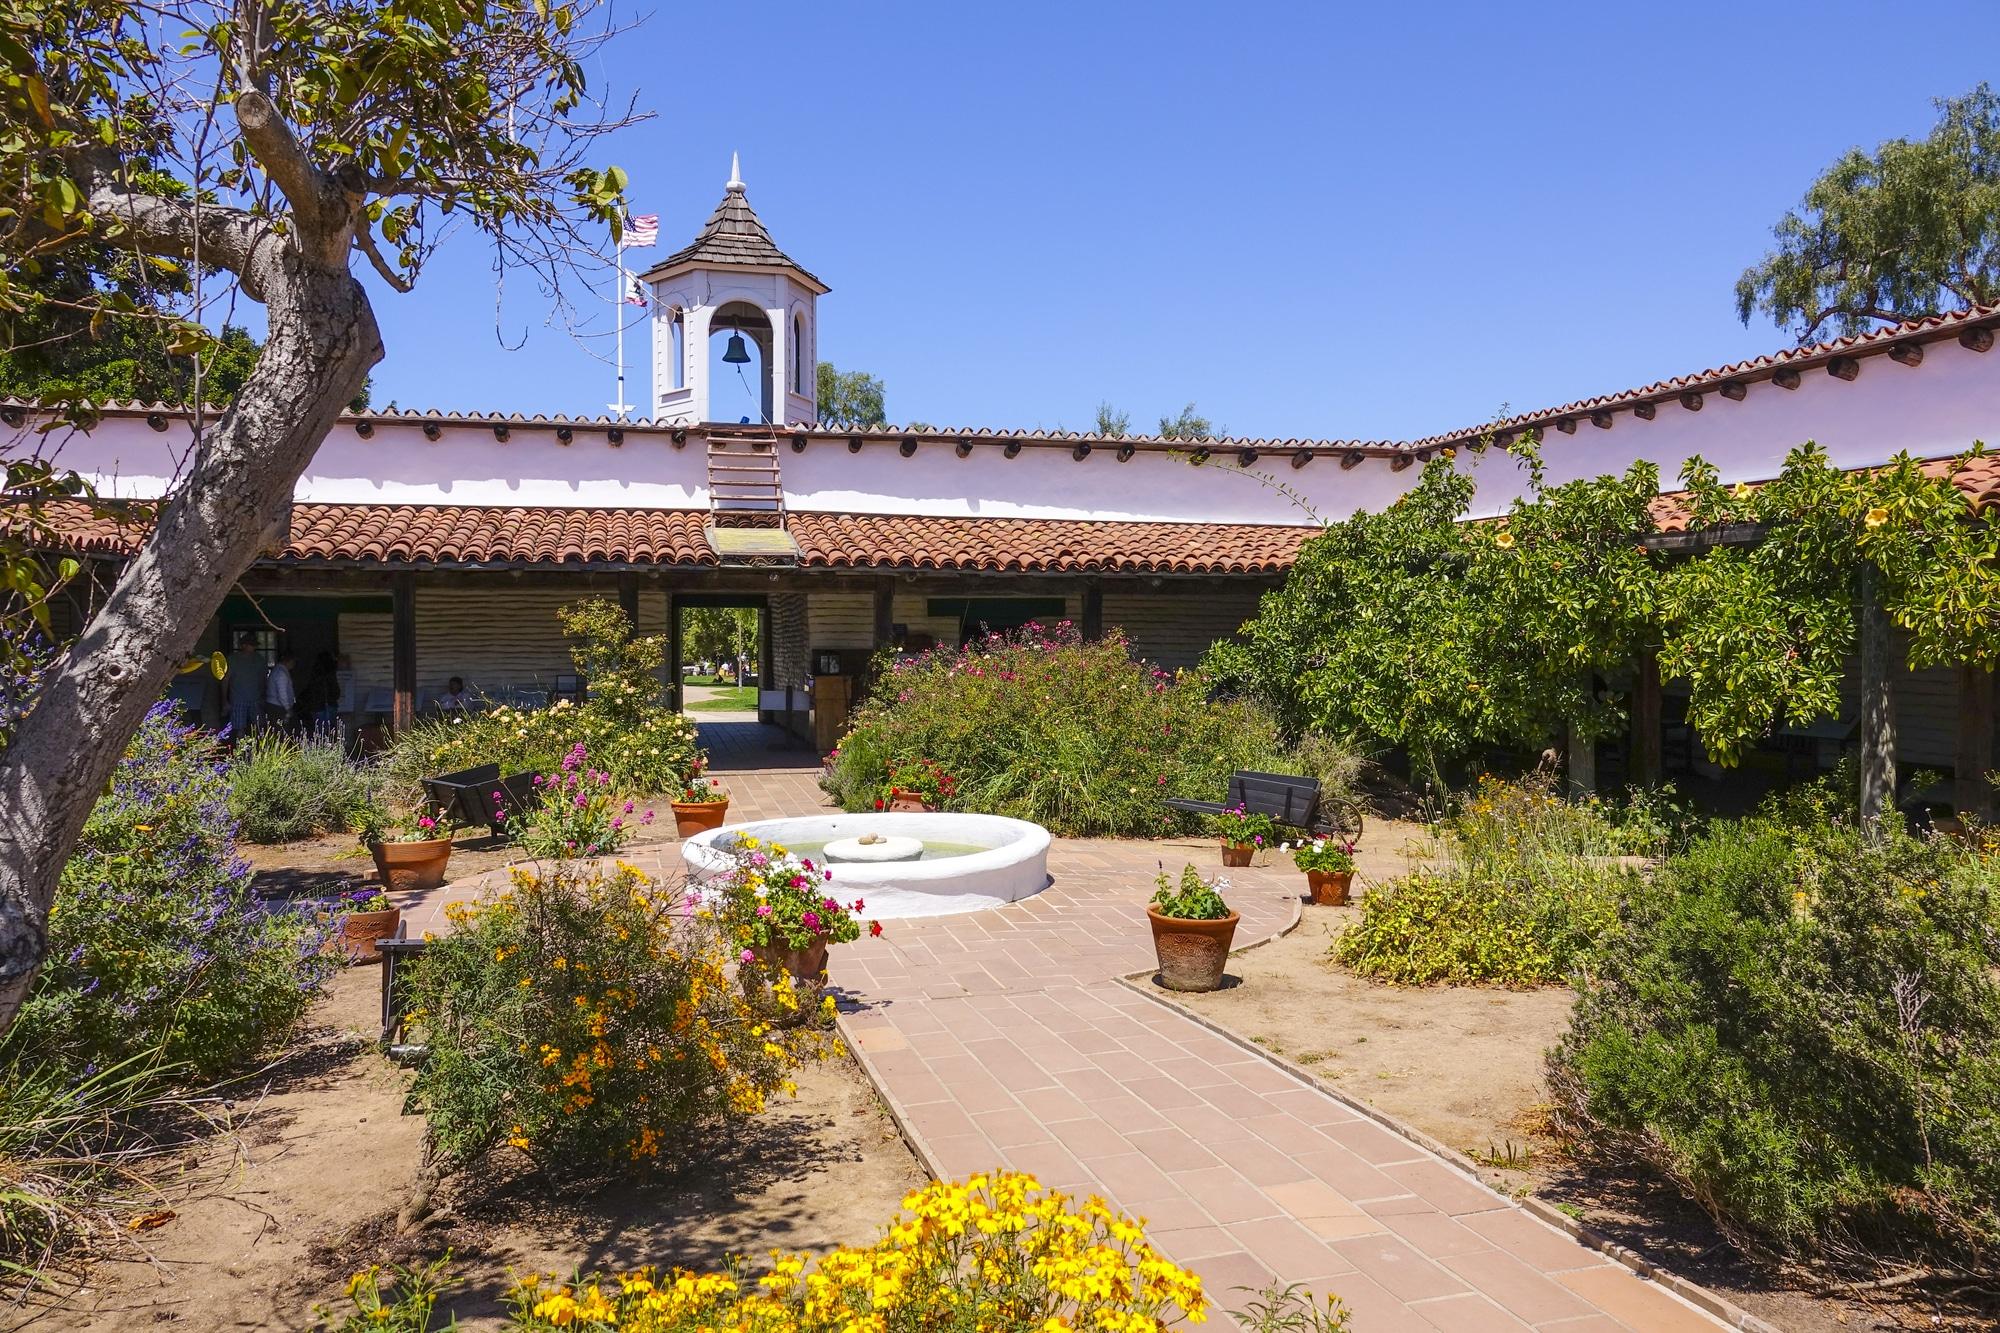 The courtyard and fountain at Casa de Estudillo in Old Town San Diego.